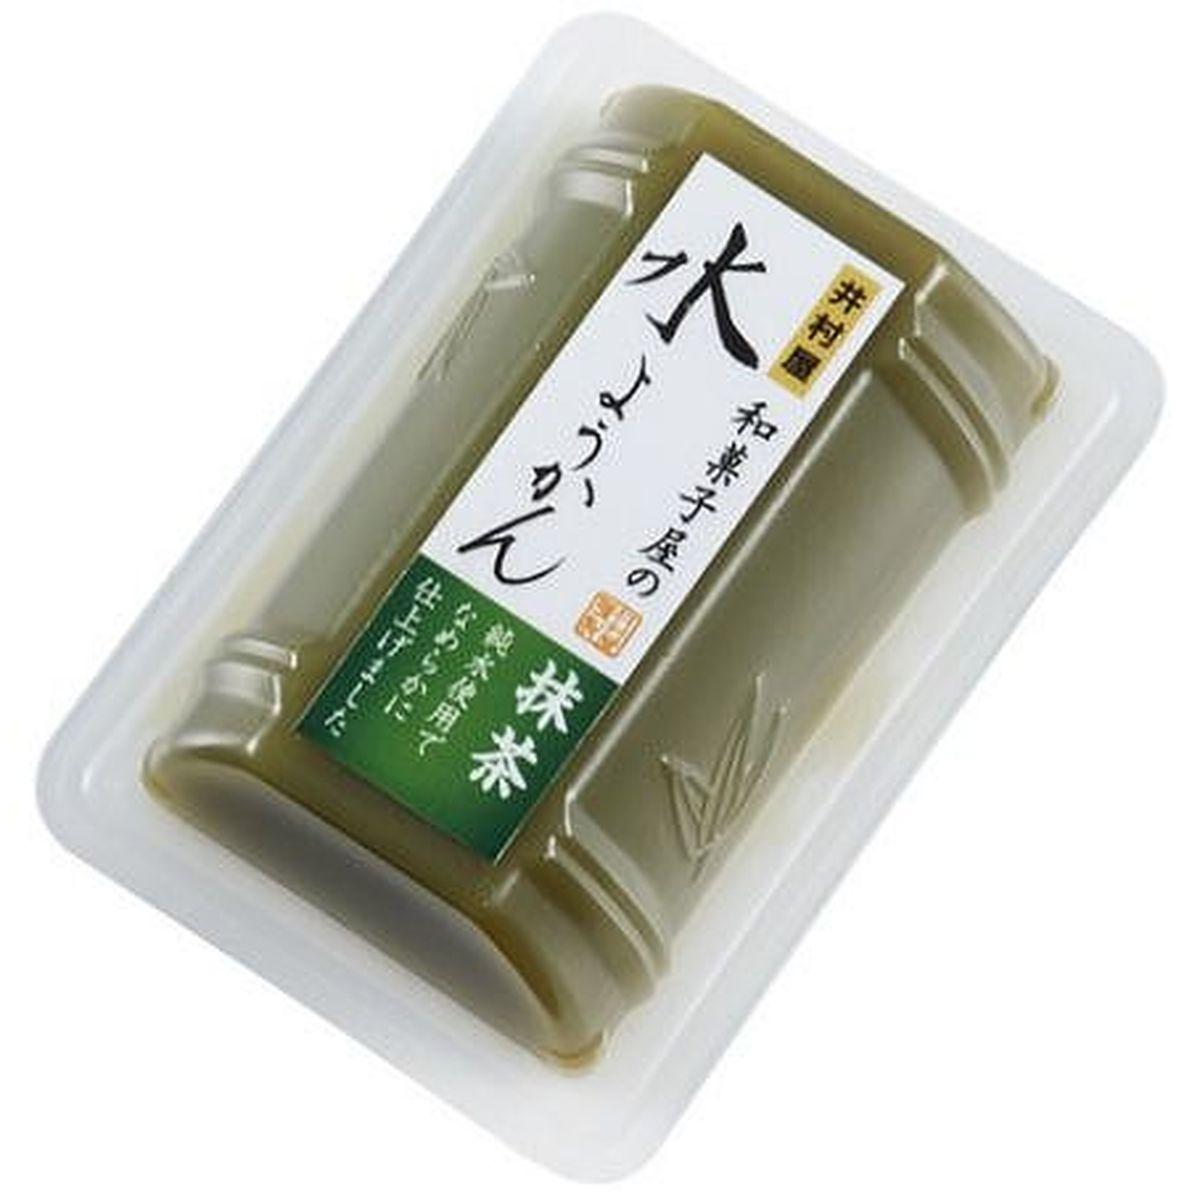 【10個入り】井村屋 和菓子屋の水ようかん抹茶 83g